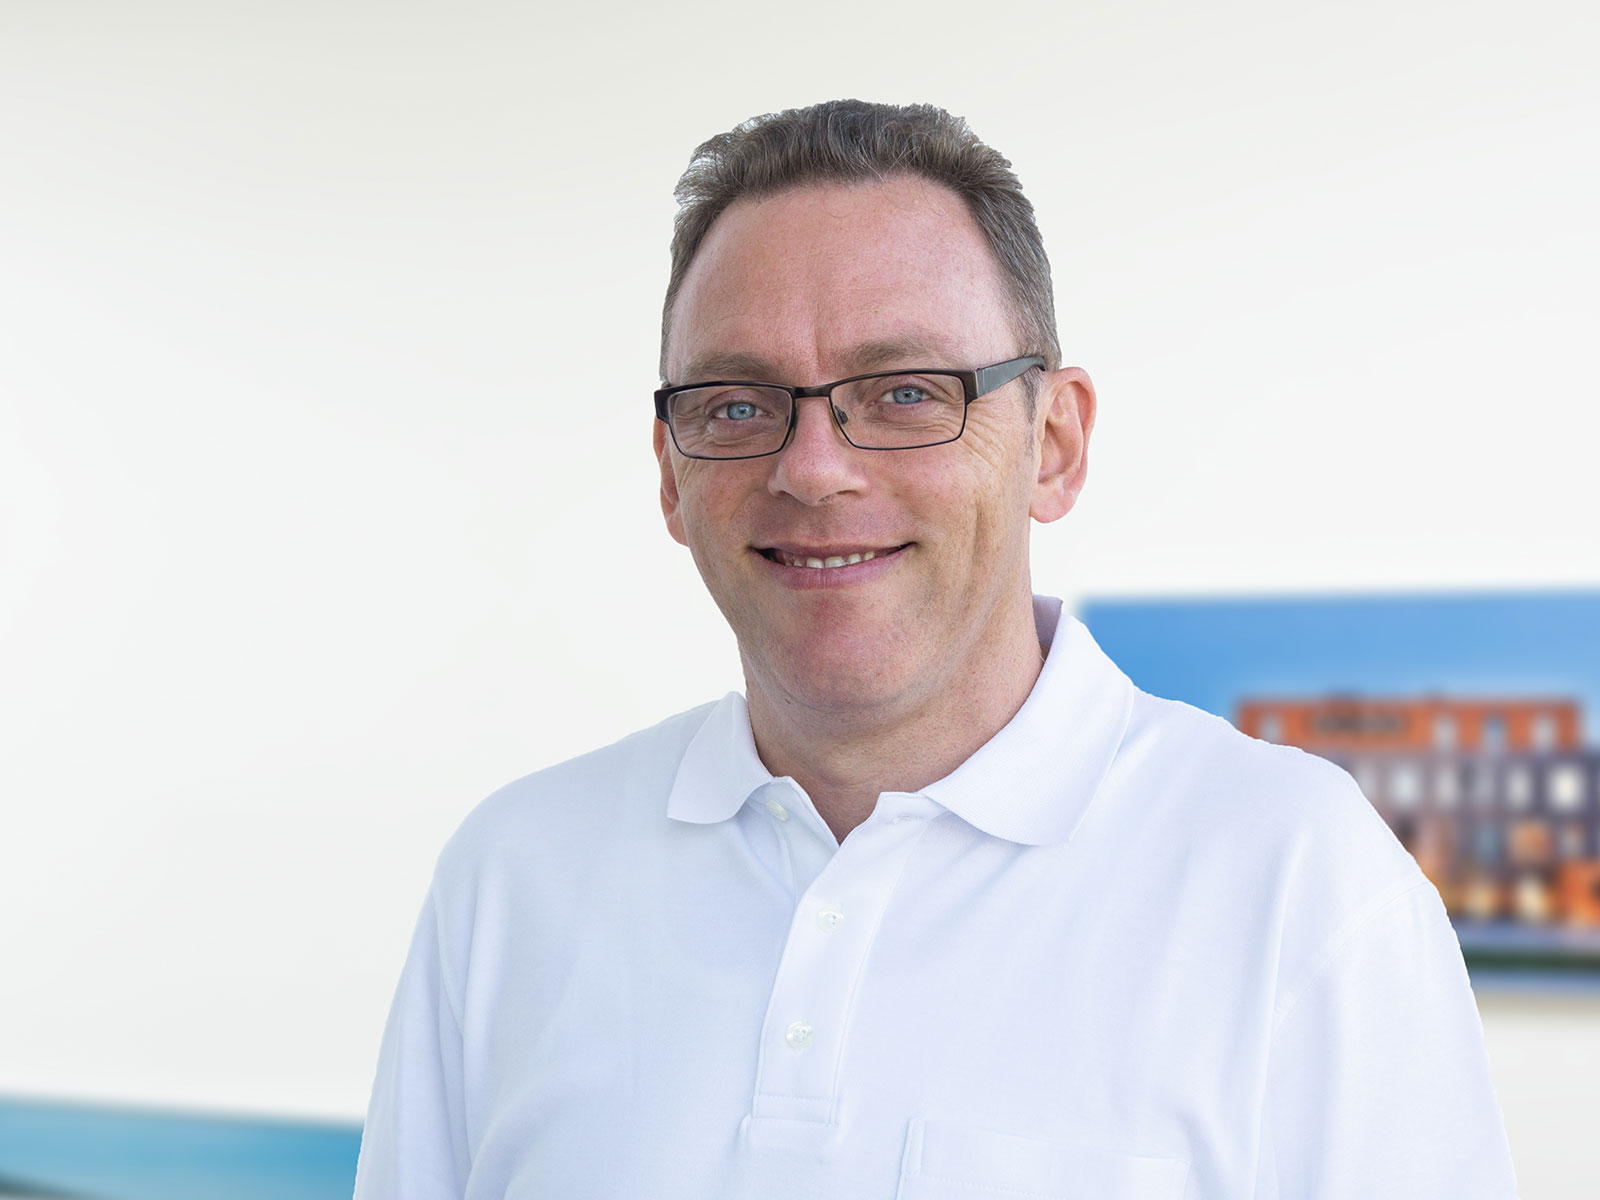 Christian Schwarz, IT-Systemadministrator beim Bauunternehmen bendl in Günzburg